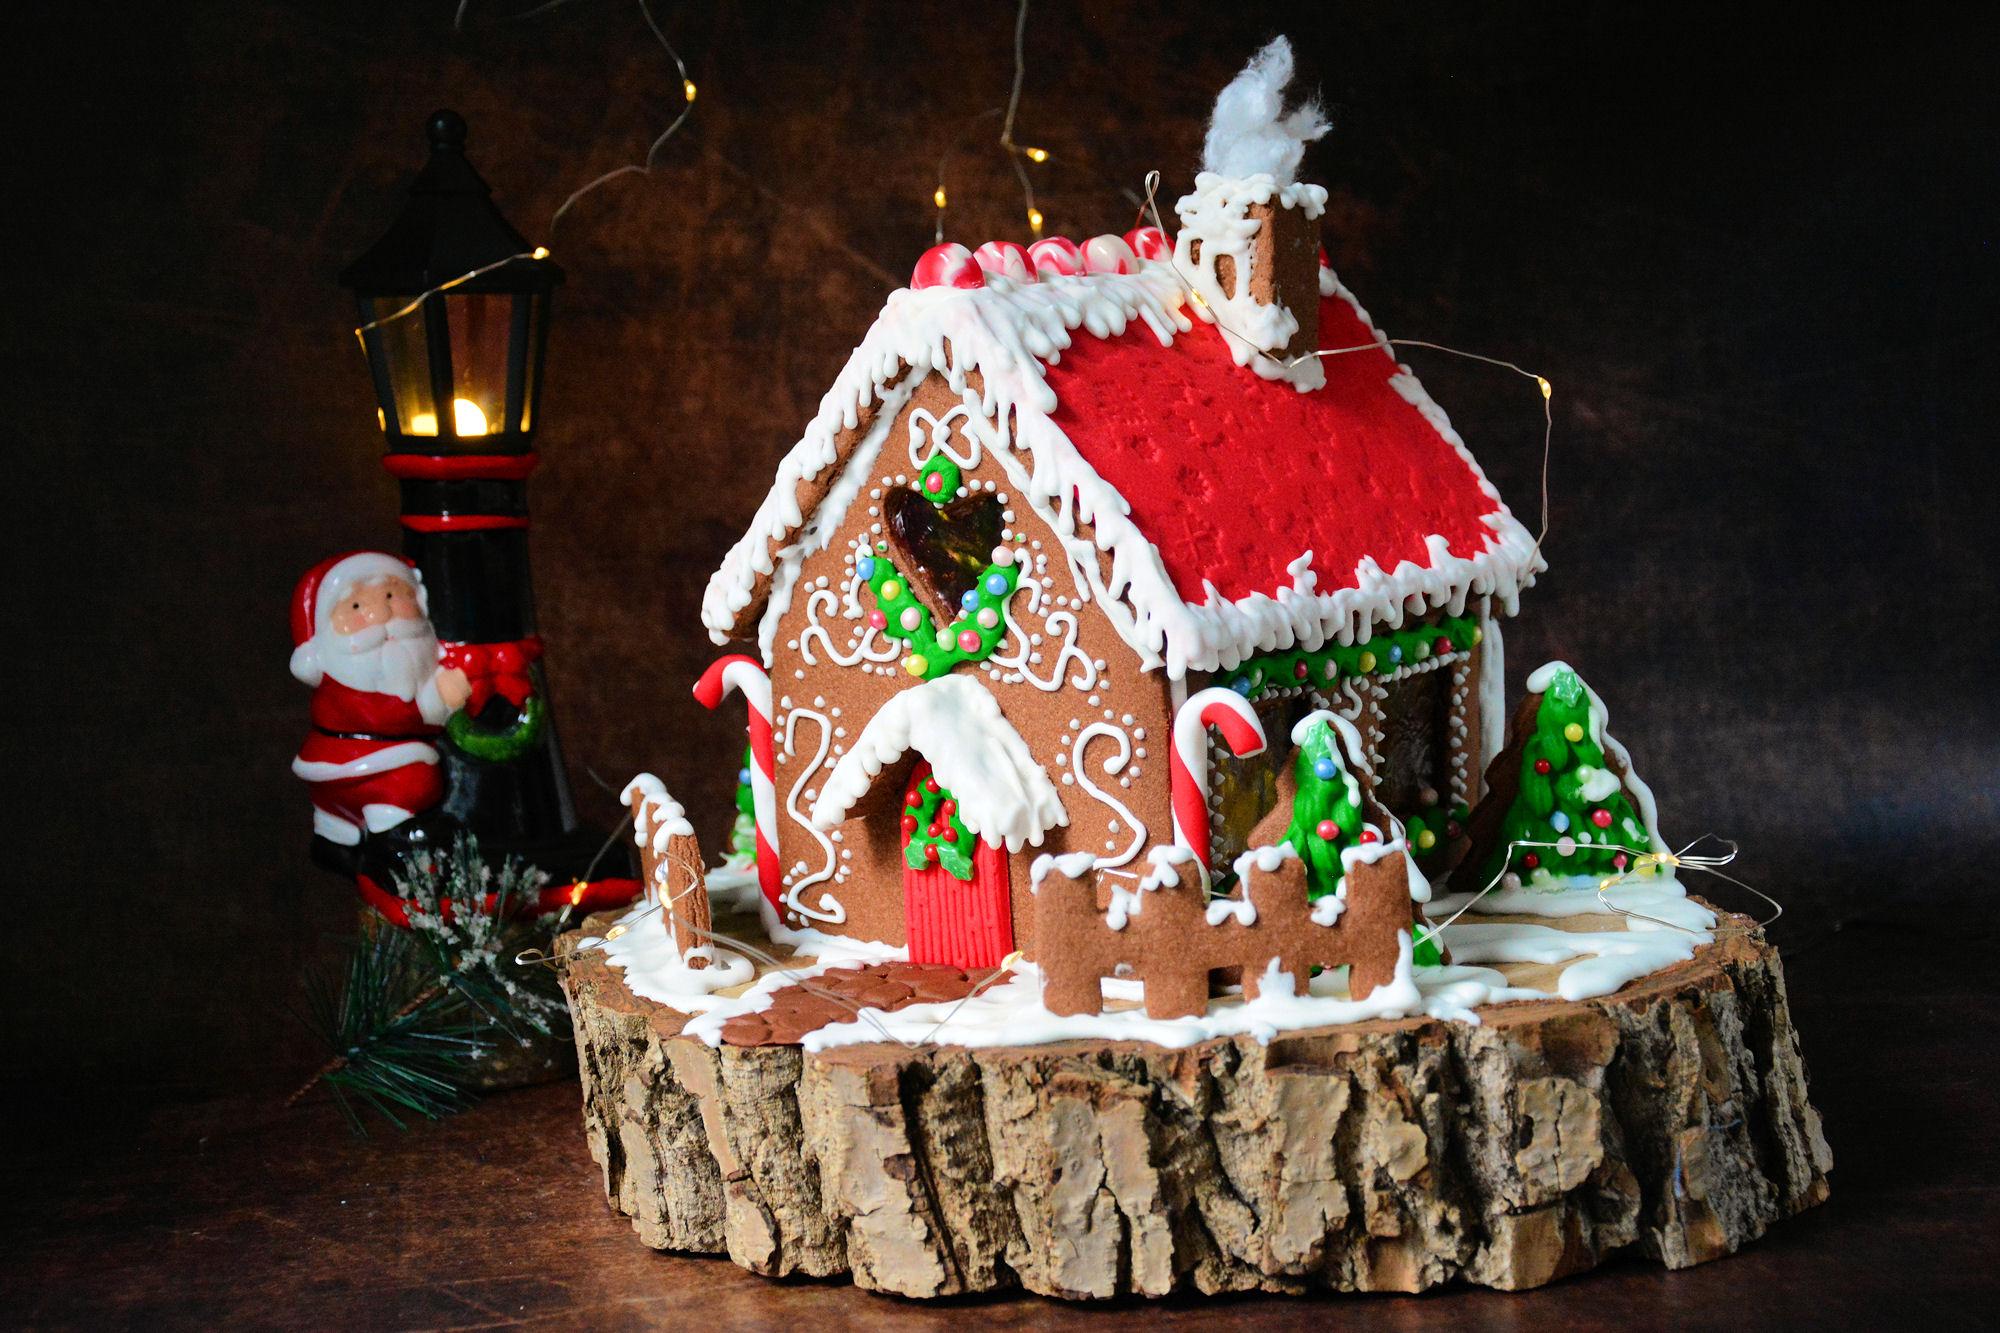 Gingerbread house / Kućica od medenjaka / Medena kućica / Božićna kućica (video)